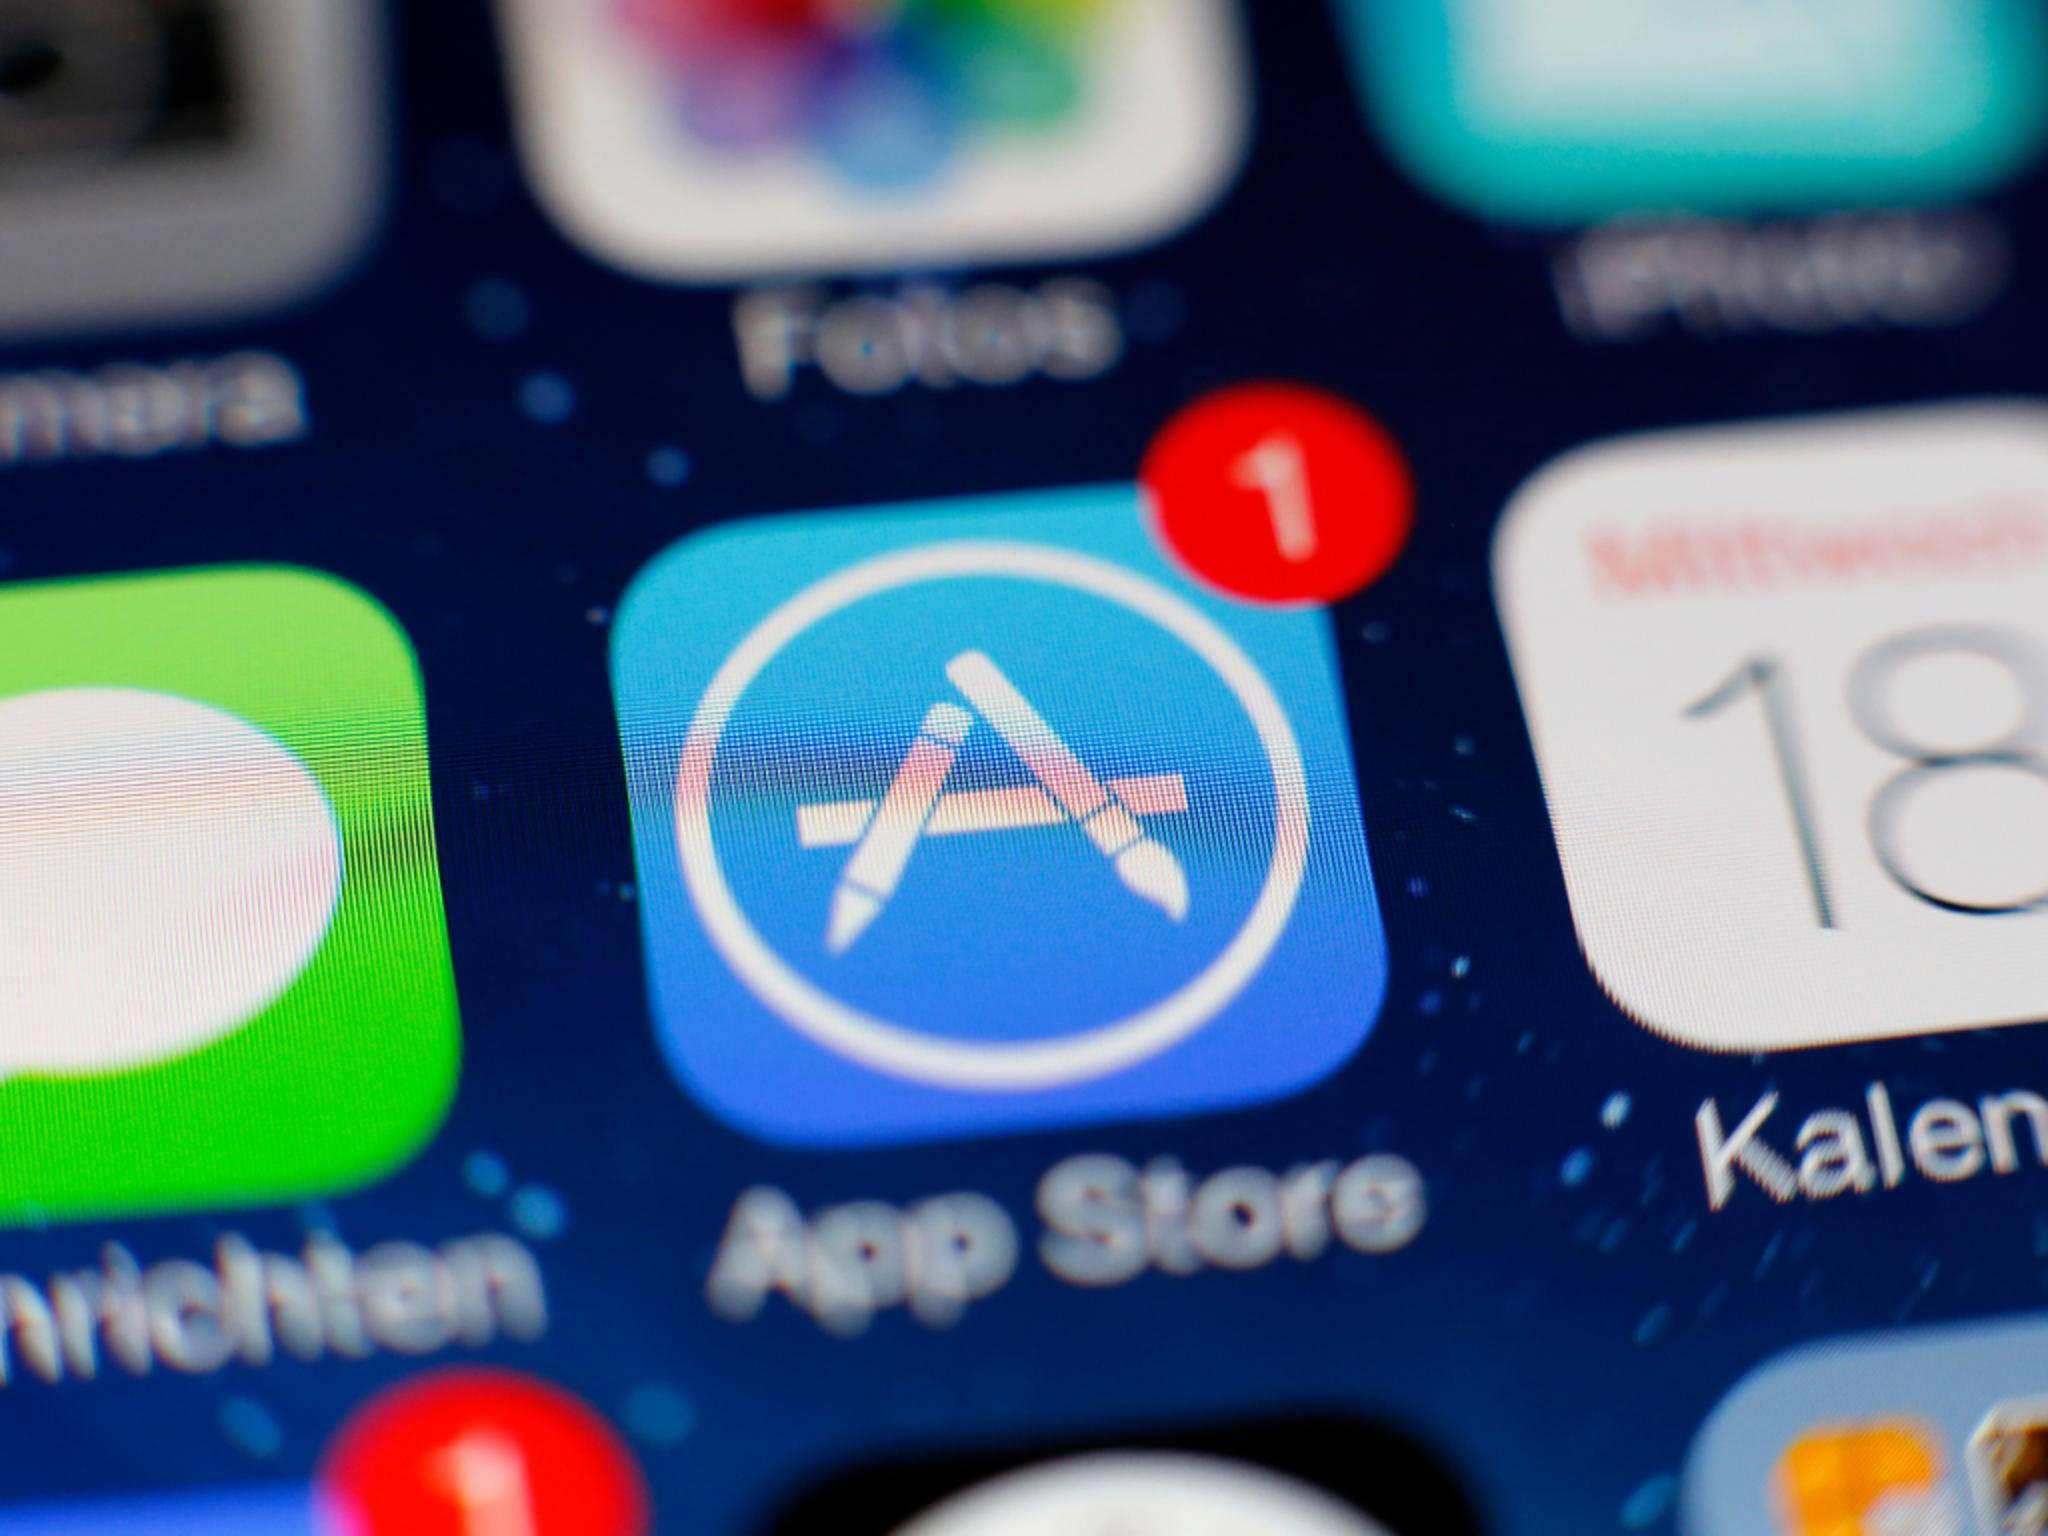 In den App-Stores stehen kostenlose Spiele ganz oben. Mit diesen Titeln sammeln die Hersteller massiv Daten.